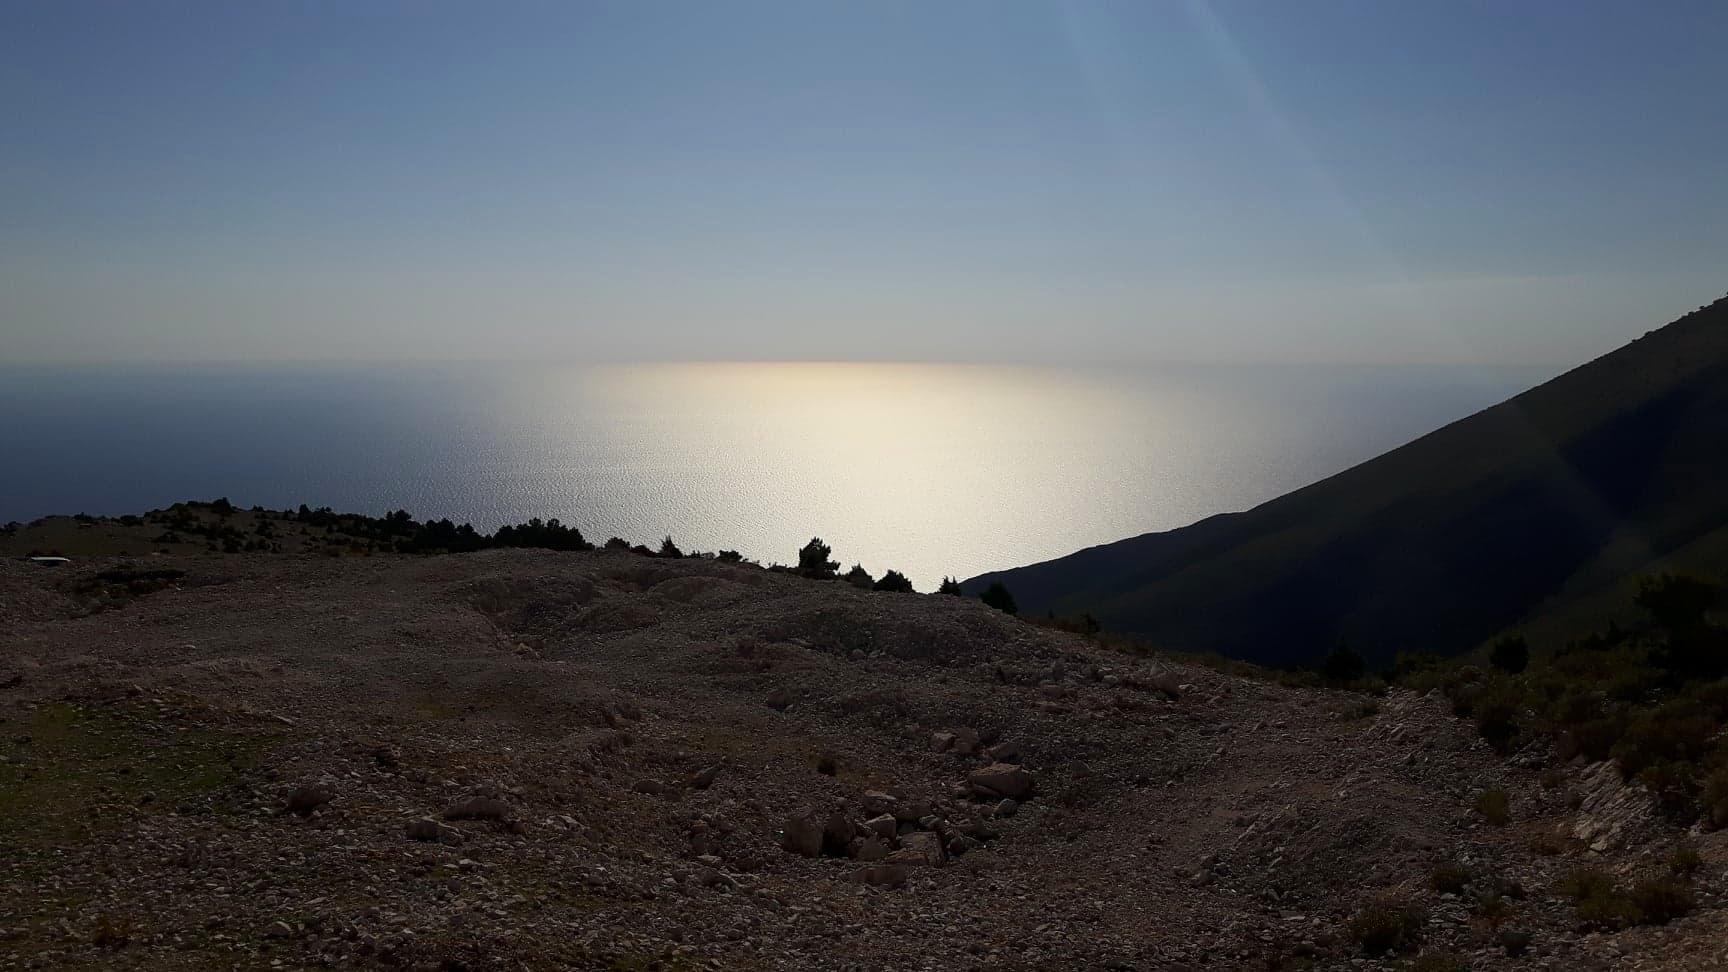 Kyseinen maapläntti on kuvattu Llogoran kansallispuistosta reilun 1km korkeudesta merelle päin Dhermiä. Haaveiletko tontista lähellä meren rantaa tai hieman korkeammalla? Kuva: Allan Rannisto